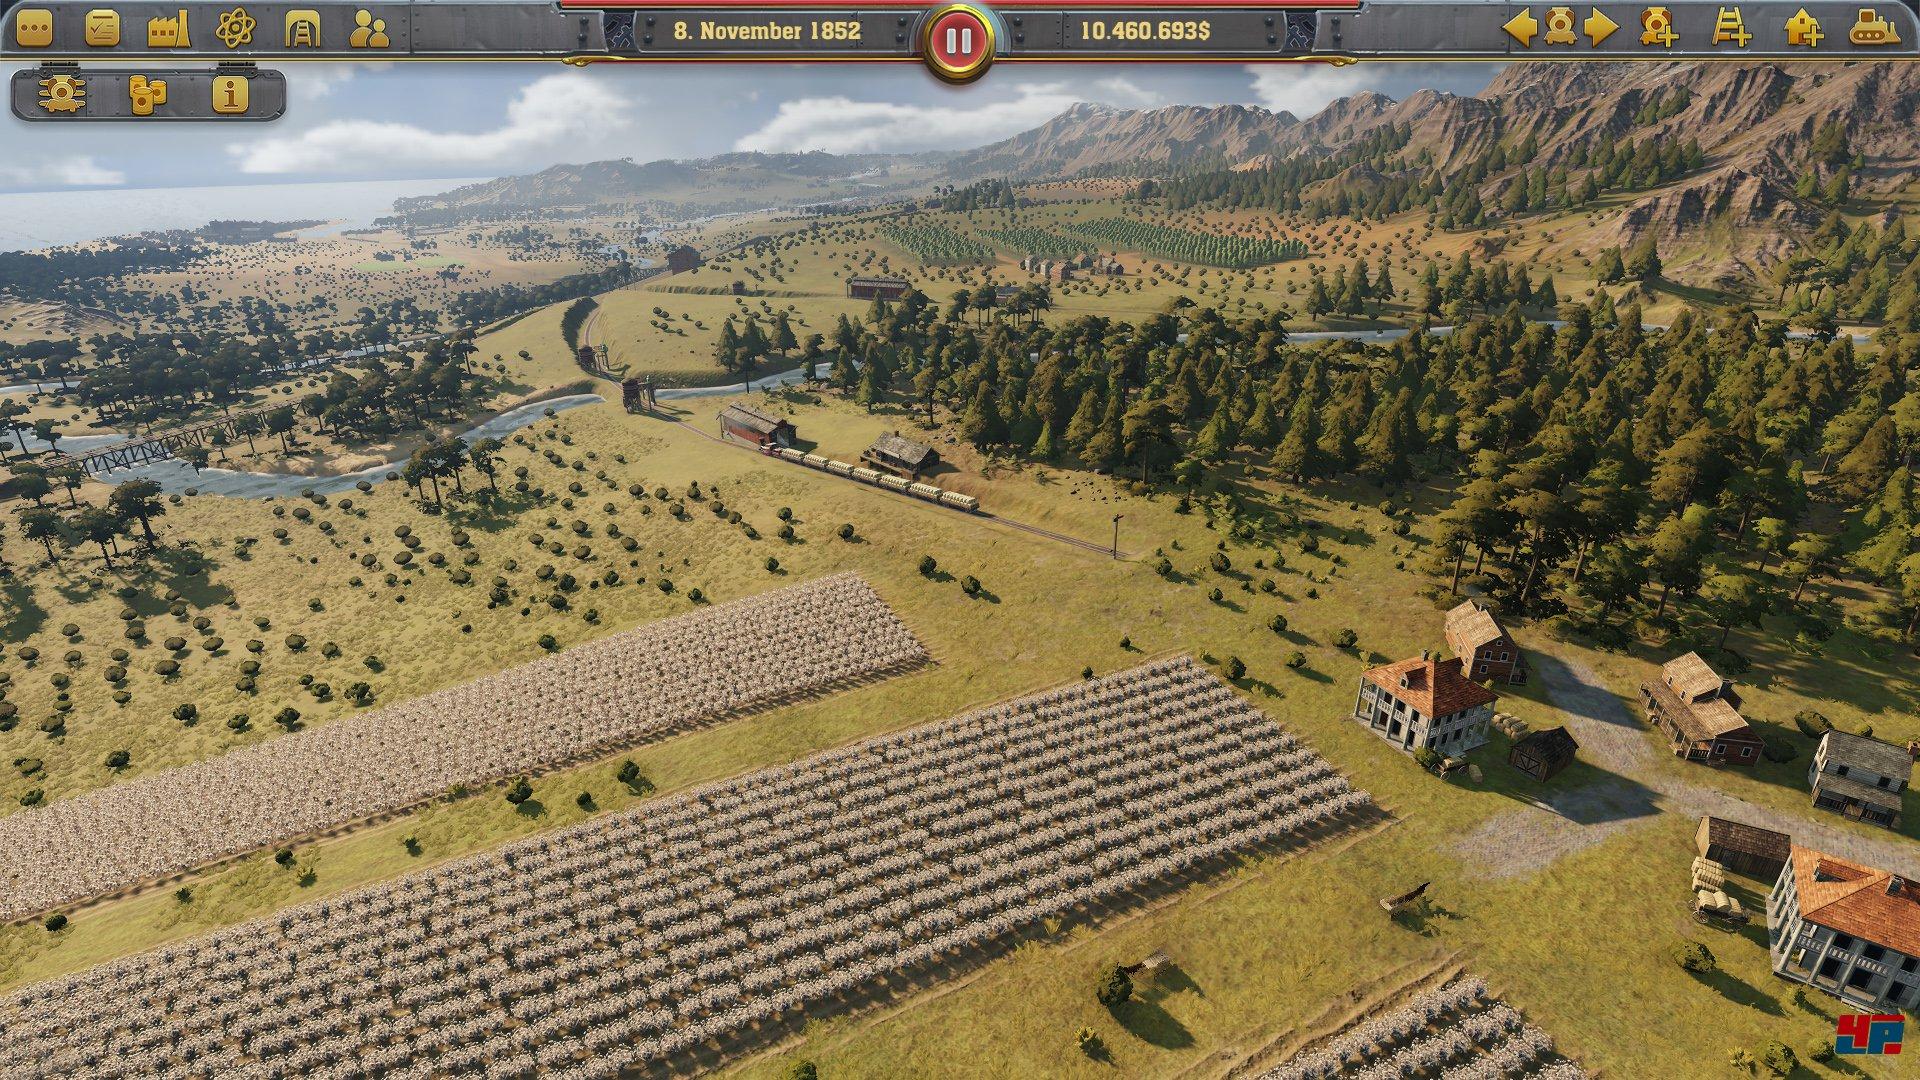 Railway Empire: Transportsimulation für PC, Xbox One und PS4 angekündigt